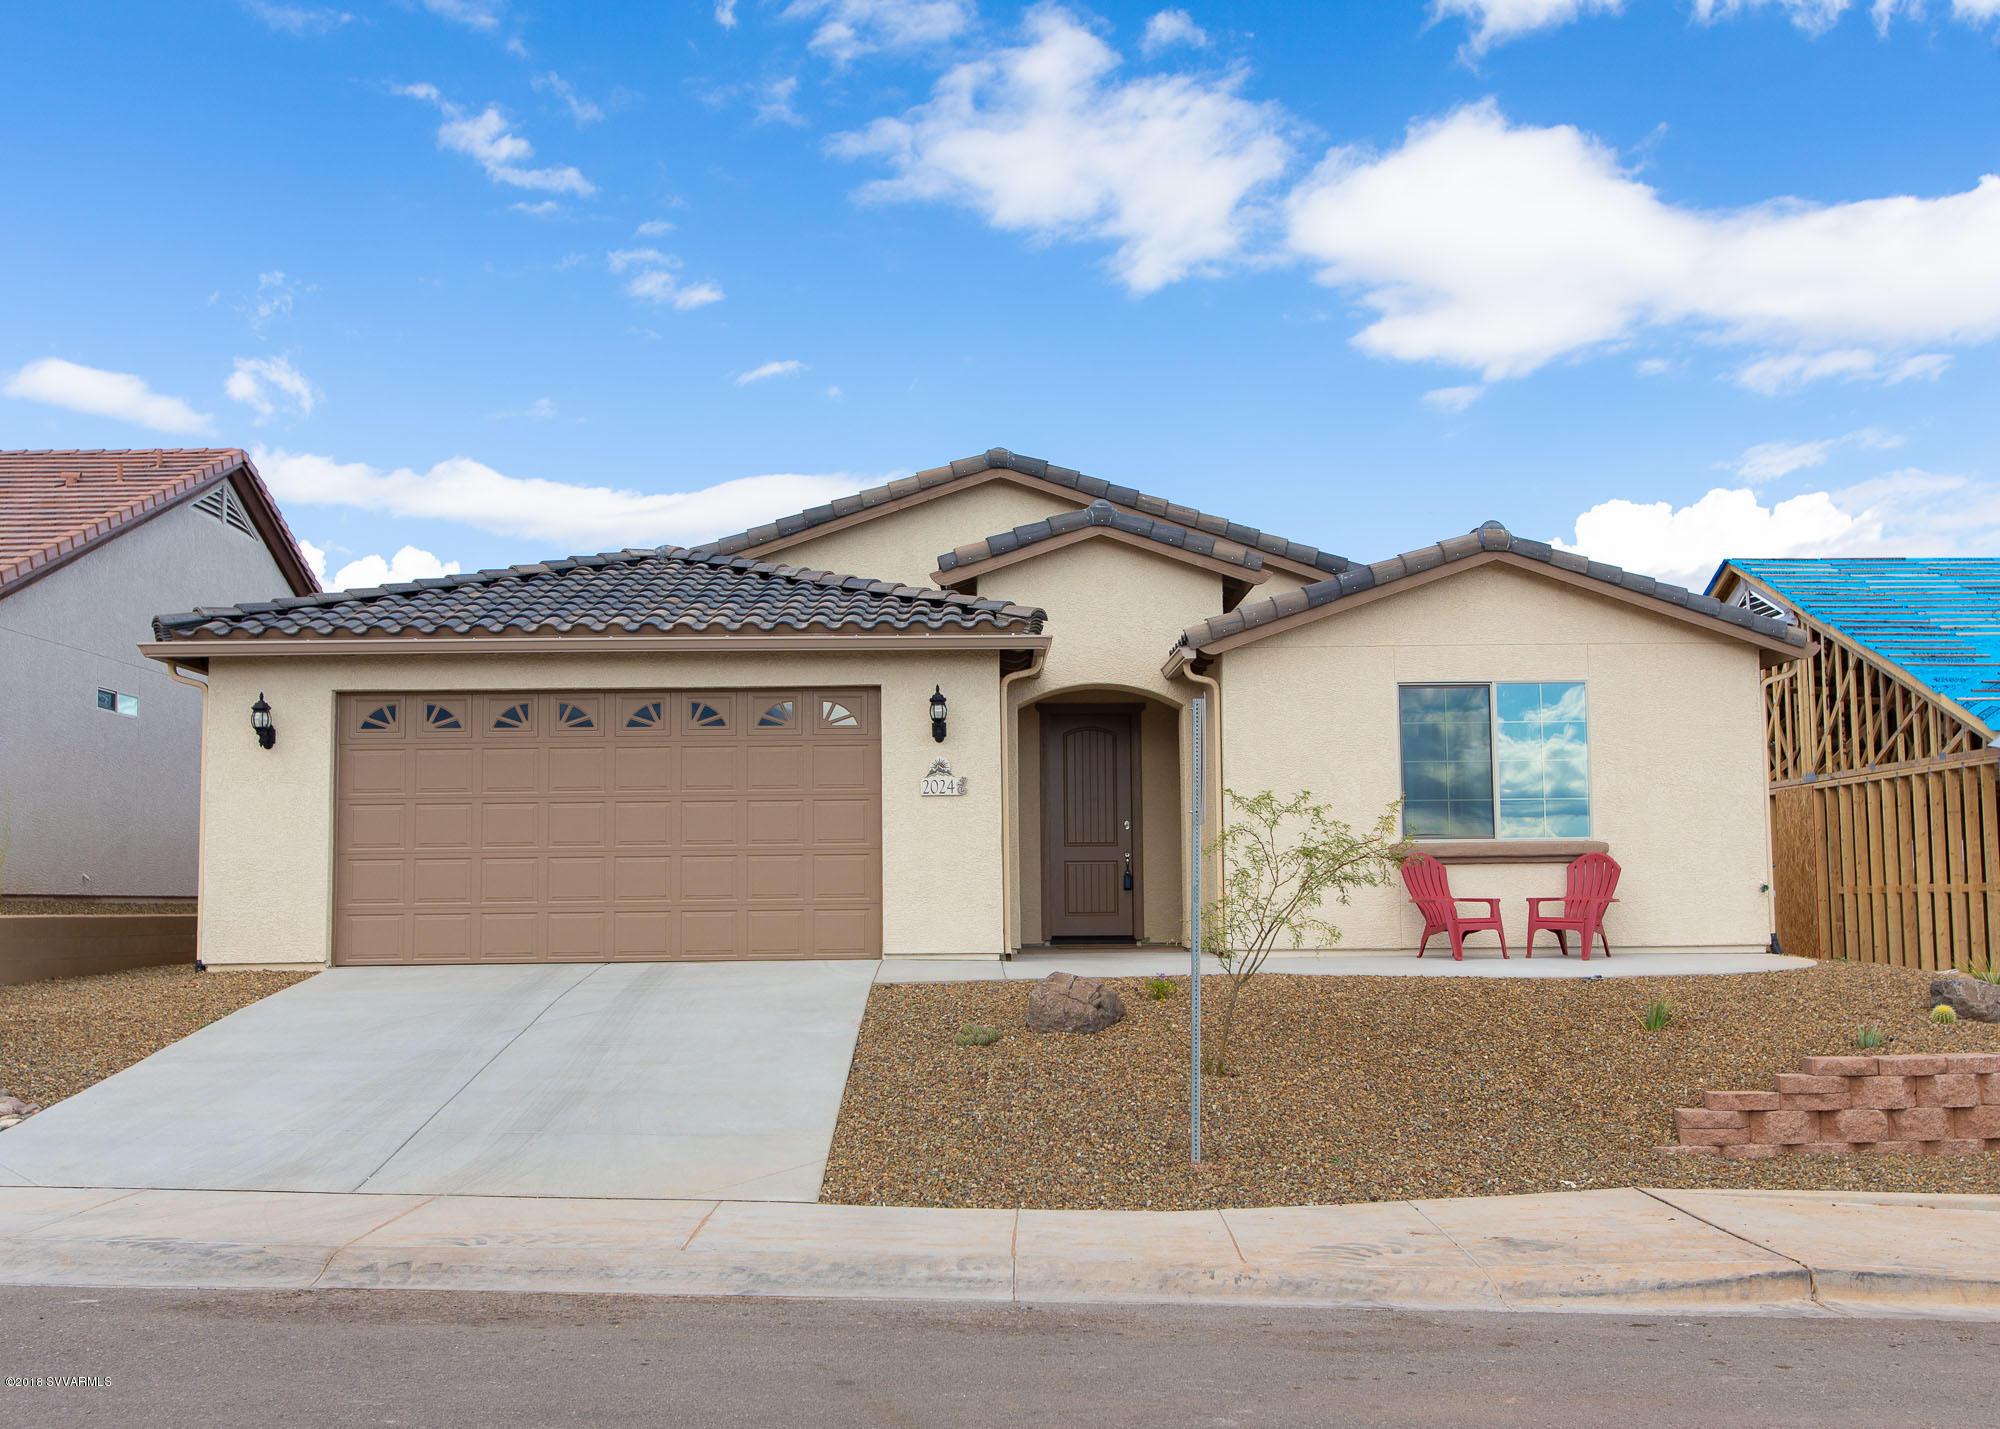 2024 Golddust Circle Cottonwood, AZ 86326